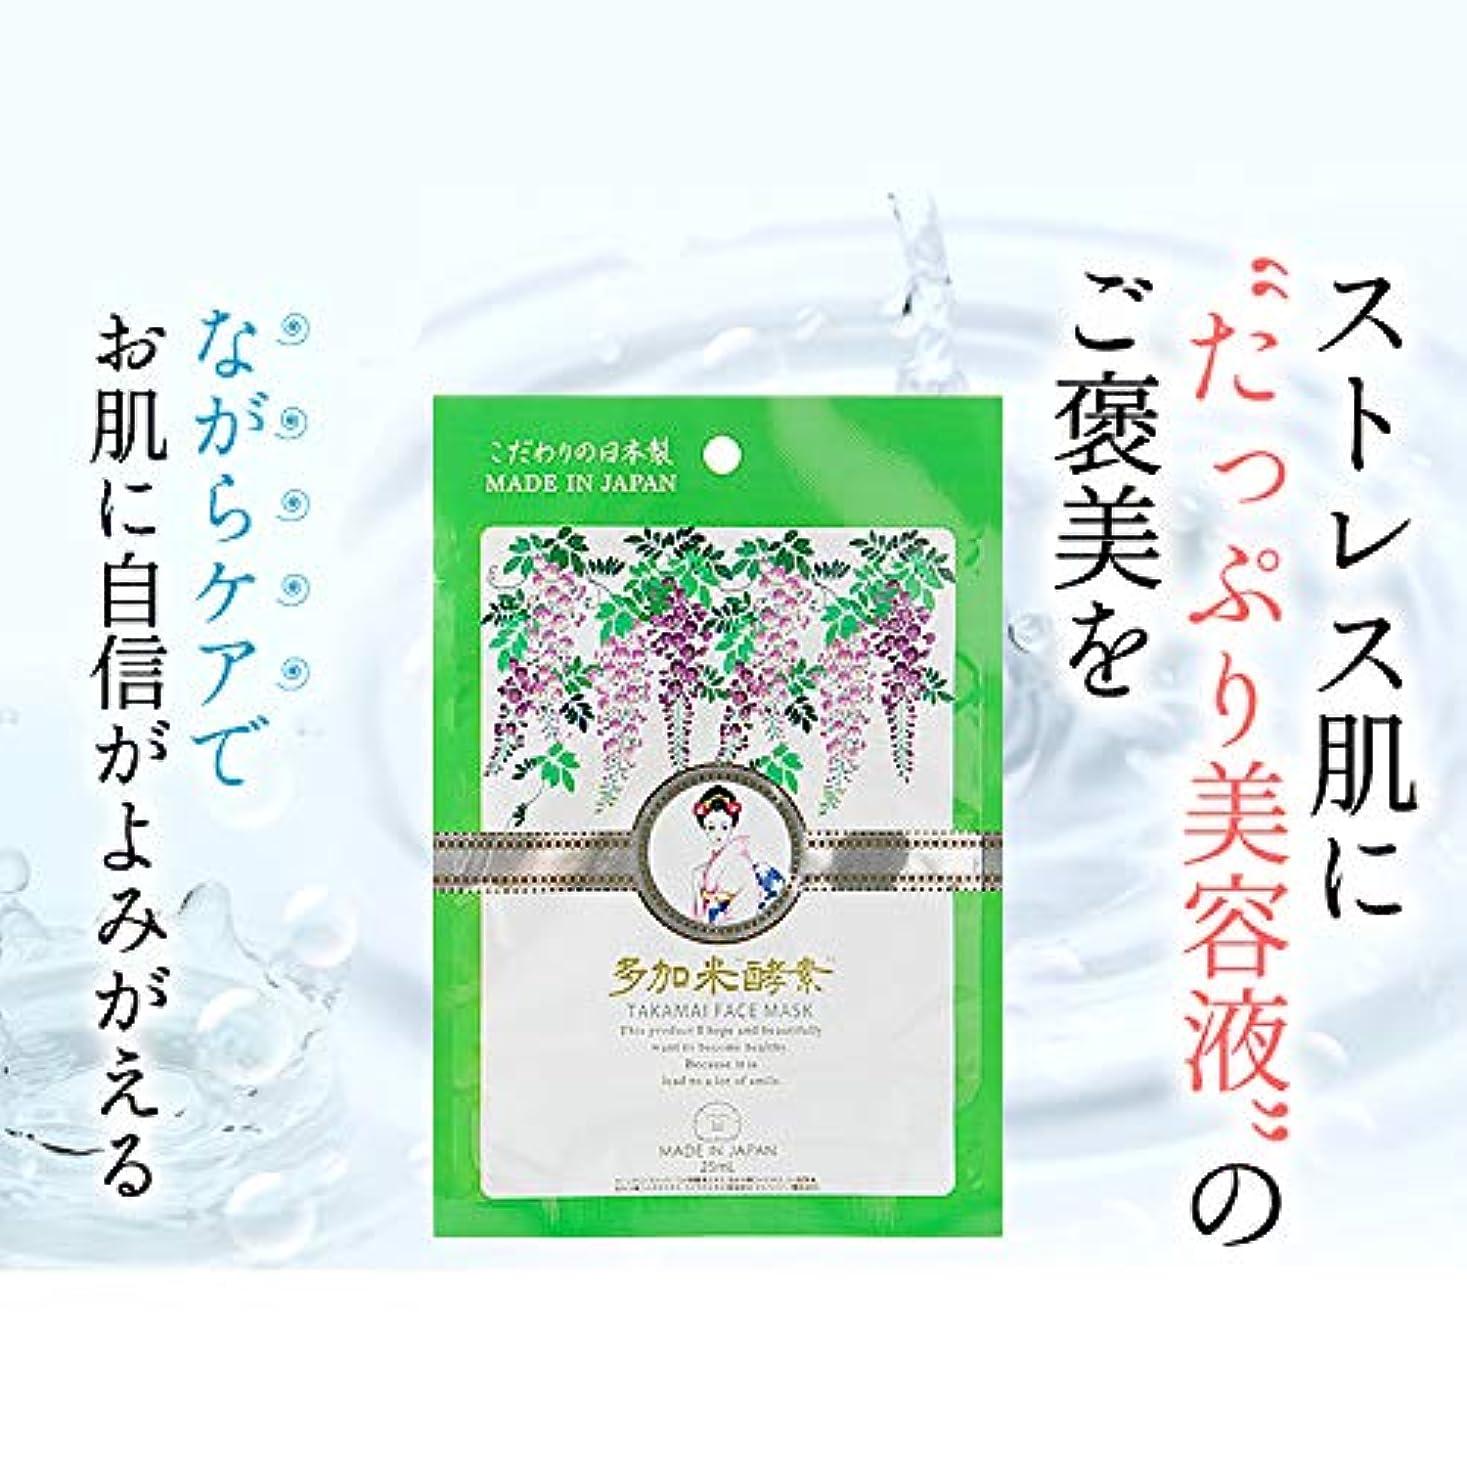 ハント宝石洪水多加米酵素フェイスマスク シートマスク フェイスマスク 保湿マスク 美容液 25ml 10枚セット